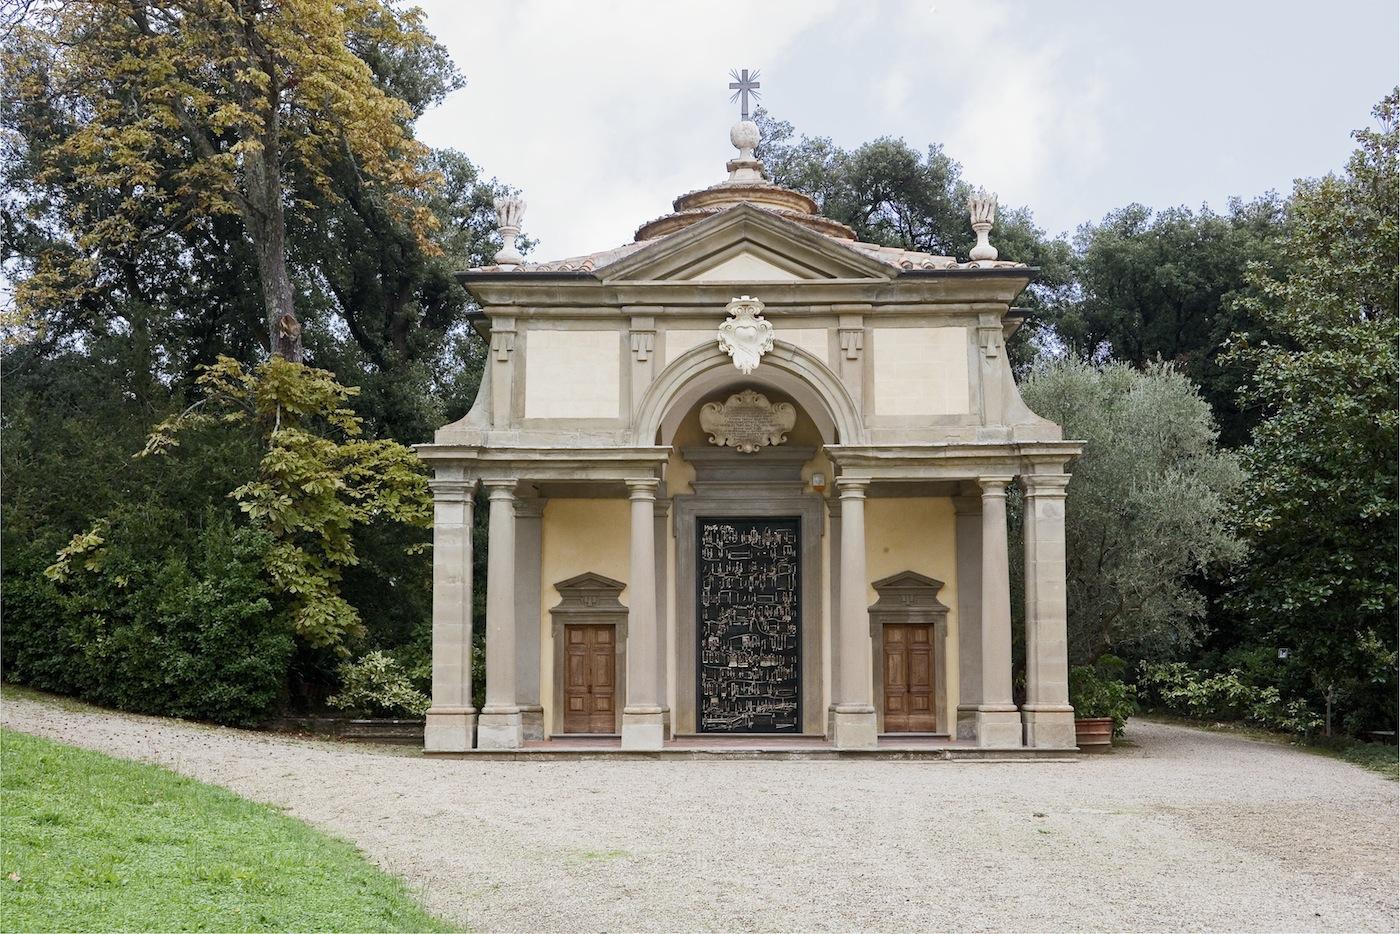 Cappella della Villa di Celle con Porta Sonora opera di Daniele Lombardi. Fattoria di Celle - Collezione Gori. Foto: Serge Domingie